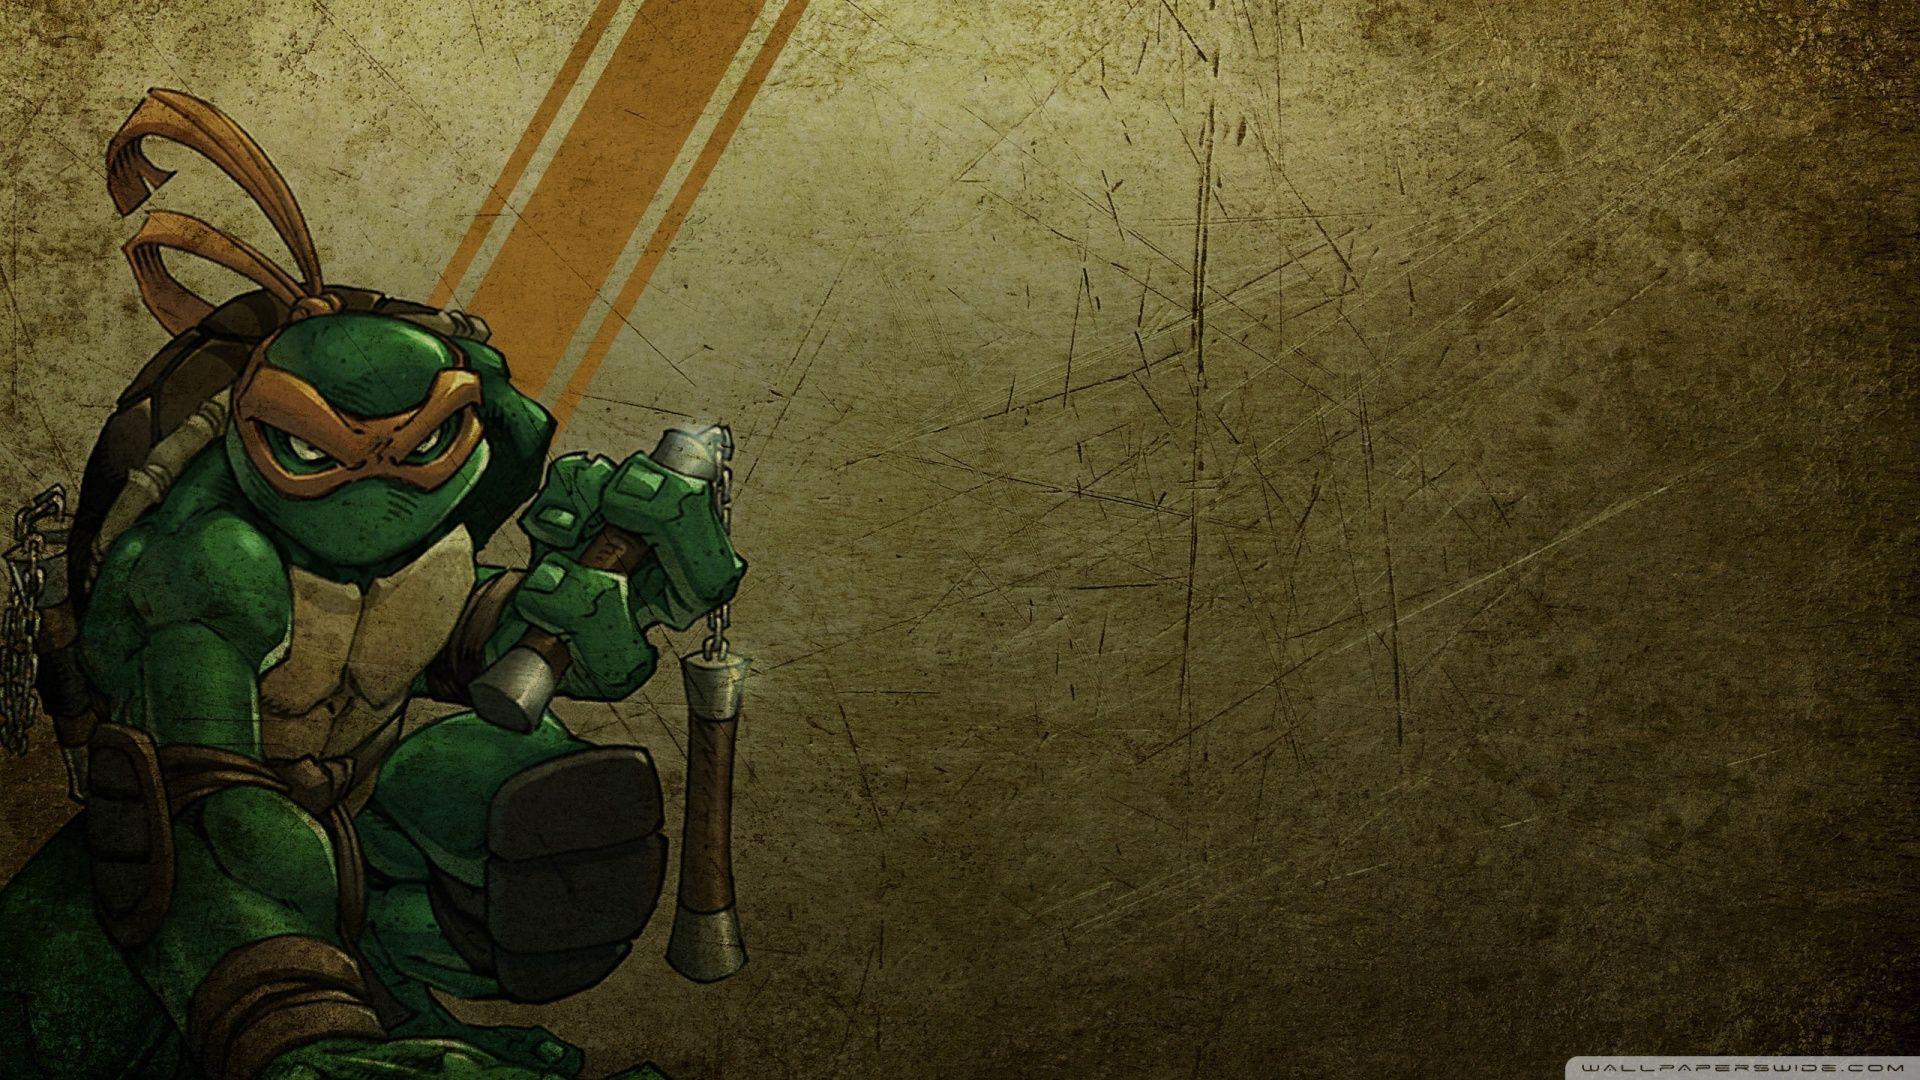 Tmnt Michelangelo Wallpapers Top Free Tmnt Michelangelo